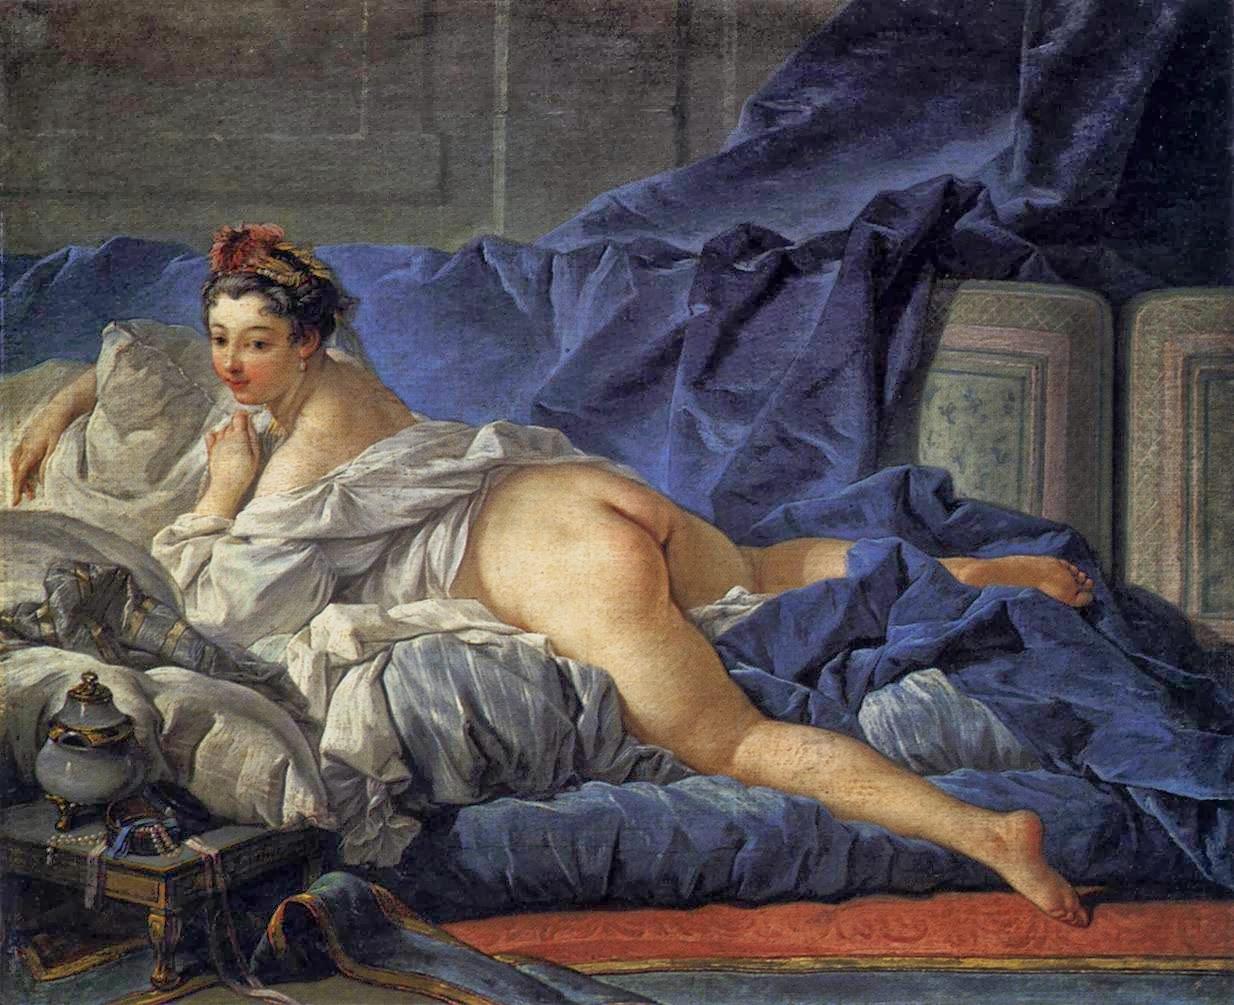 L'Odalisque Brune, 1745